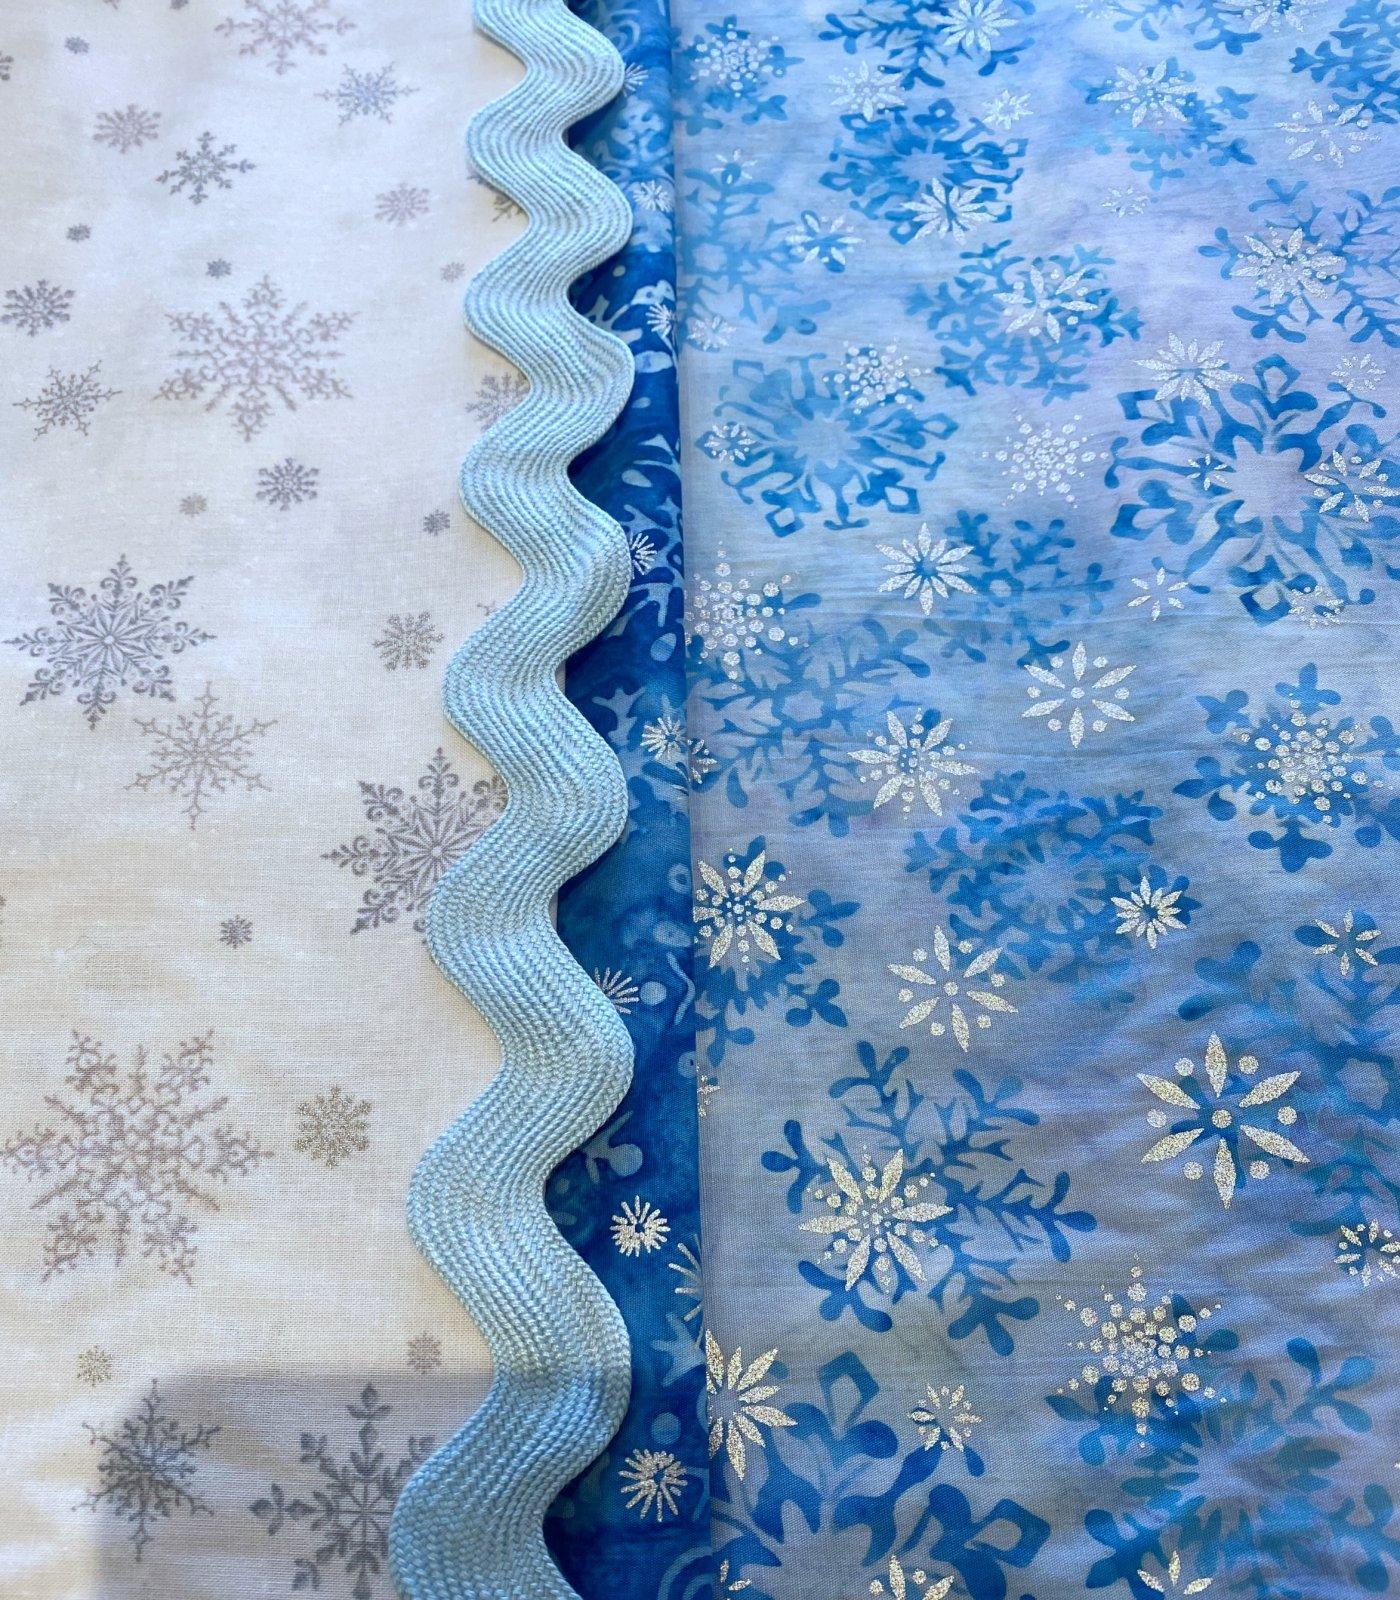 Winter Blues Tablerunner Kit